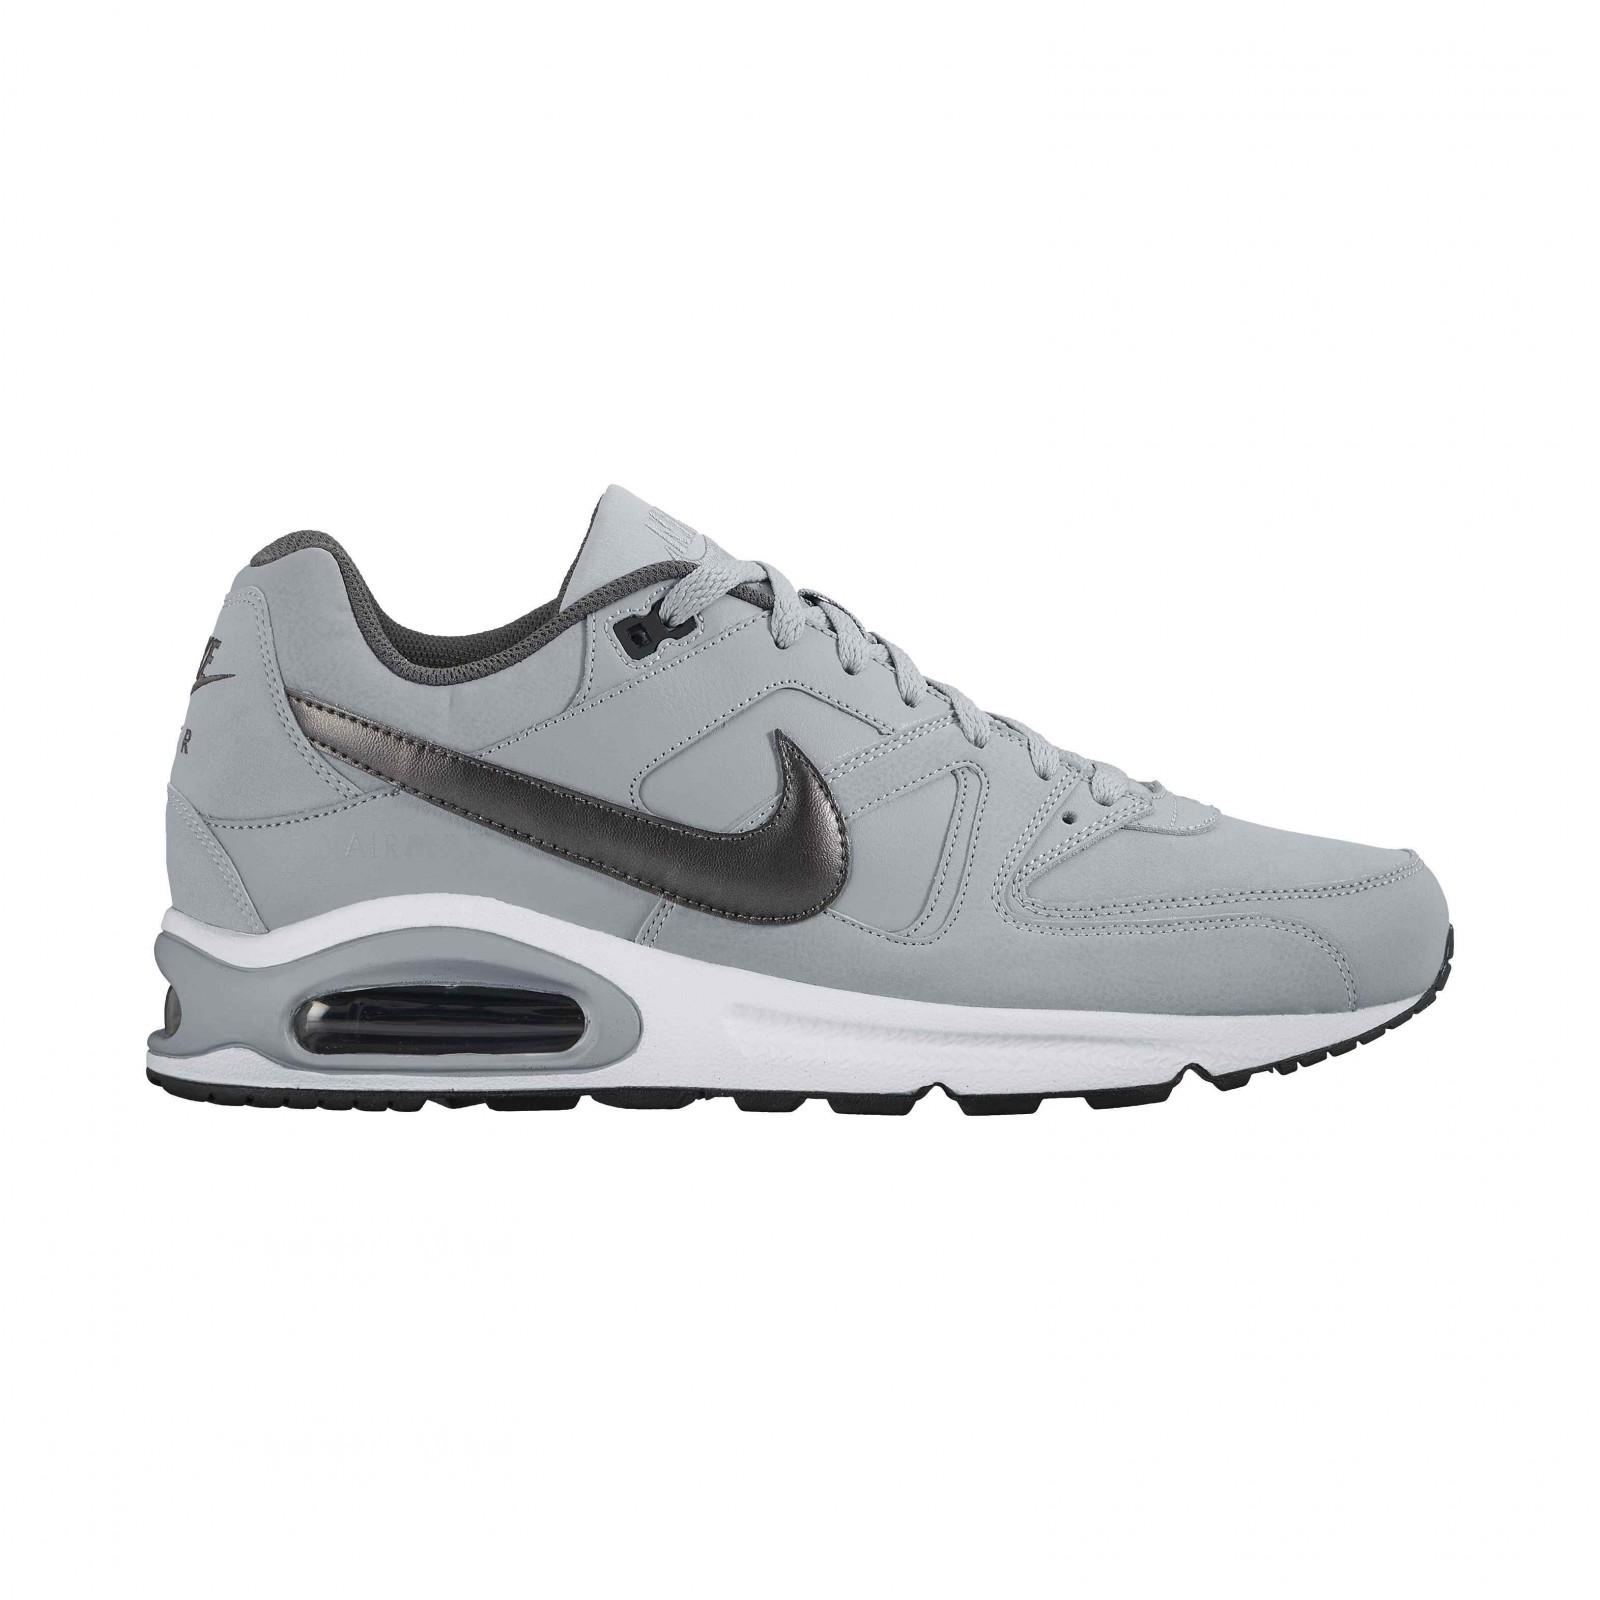 521886adc42 Pánské Tenisky Nike AIR MAX COMMAND LEATHER